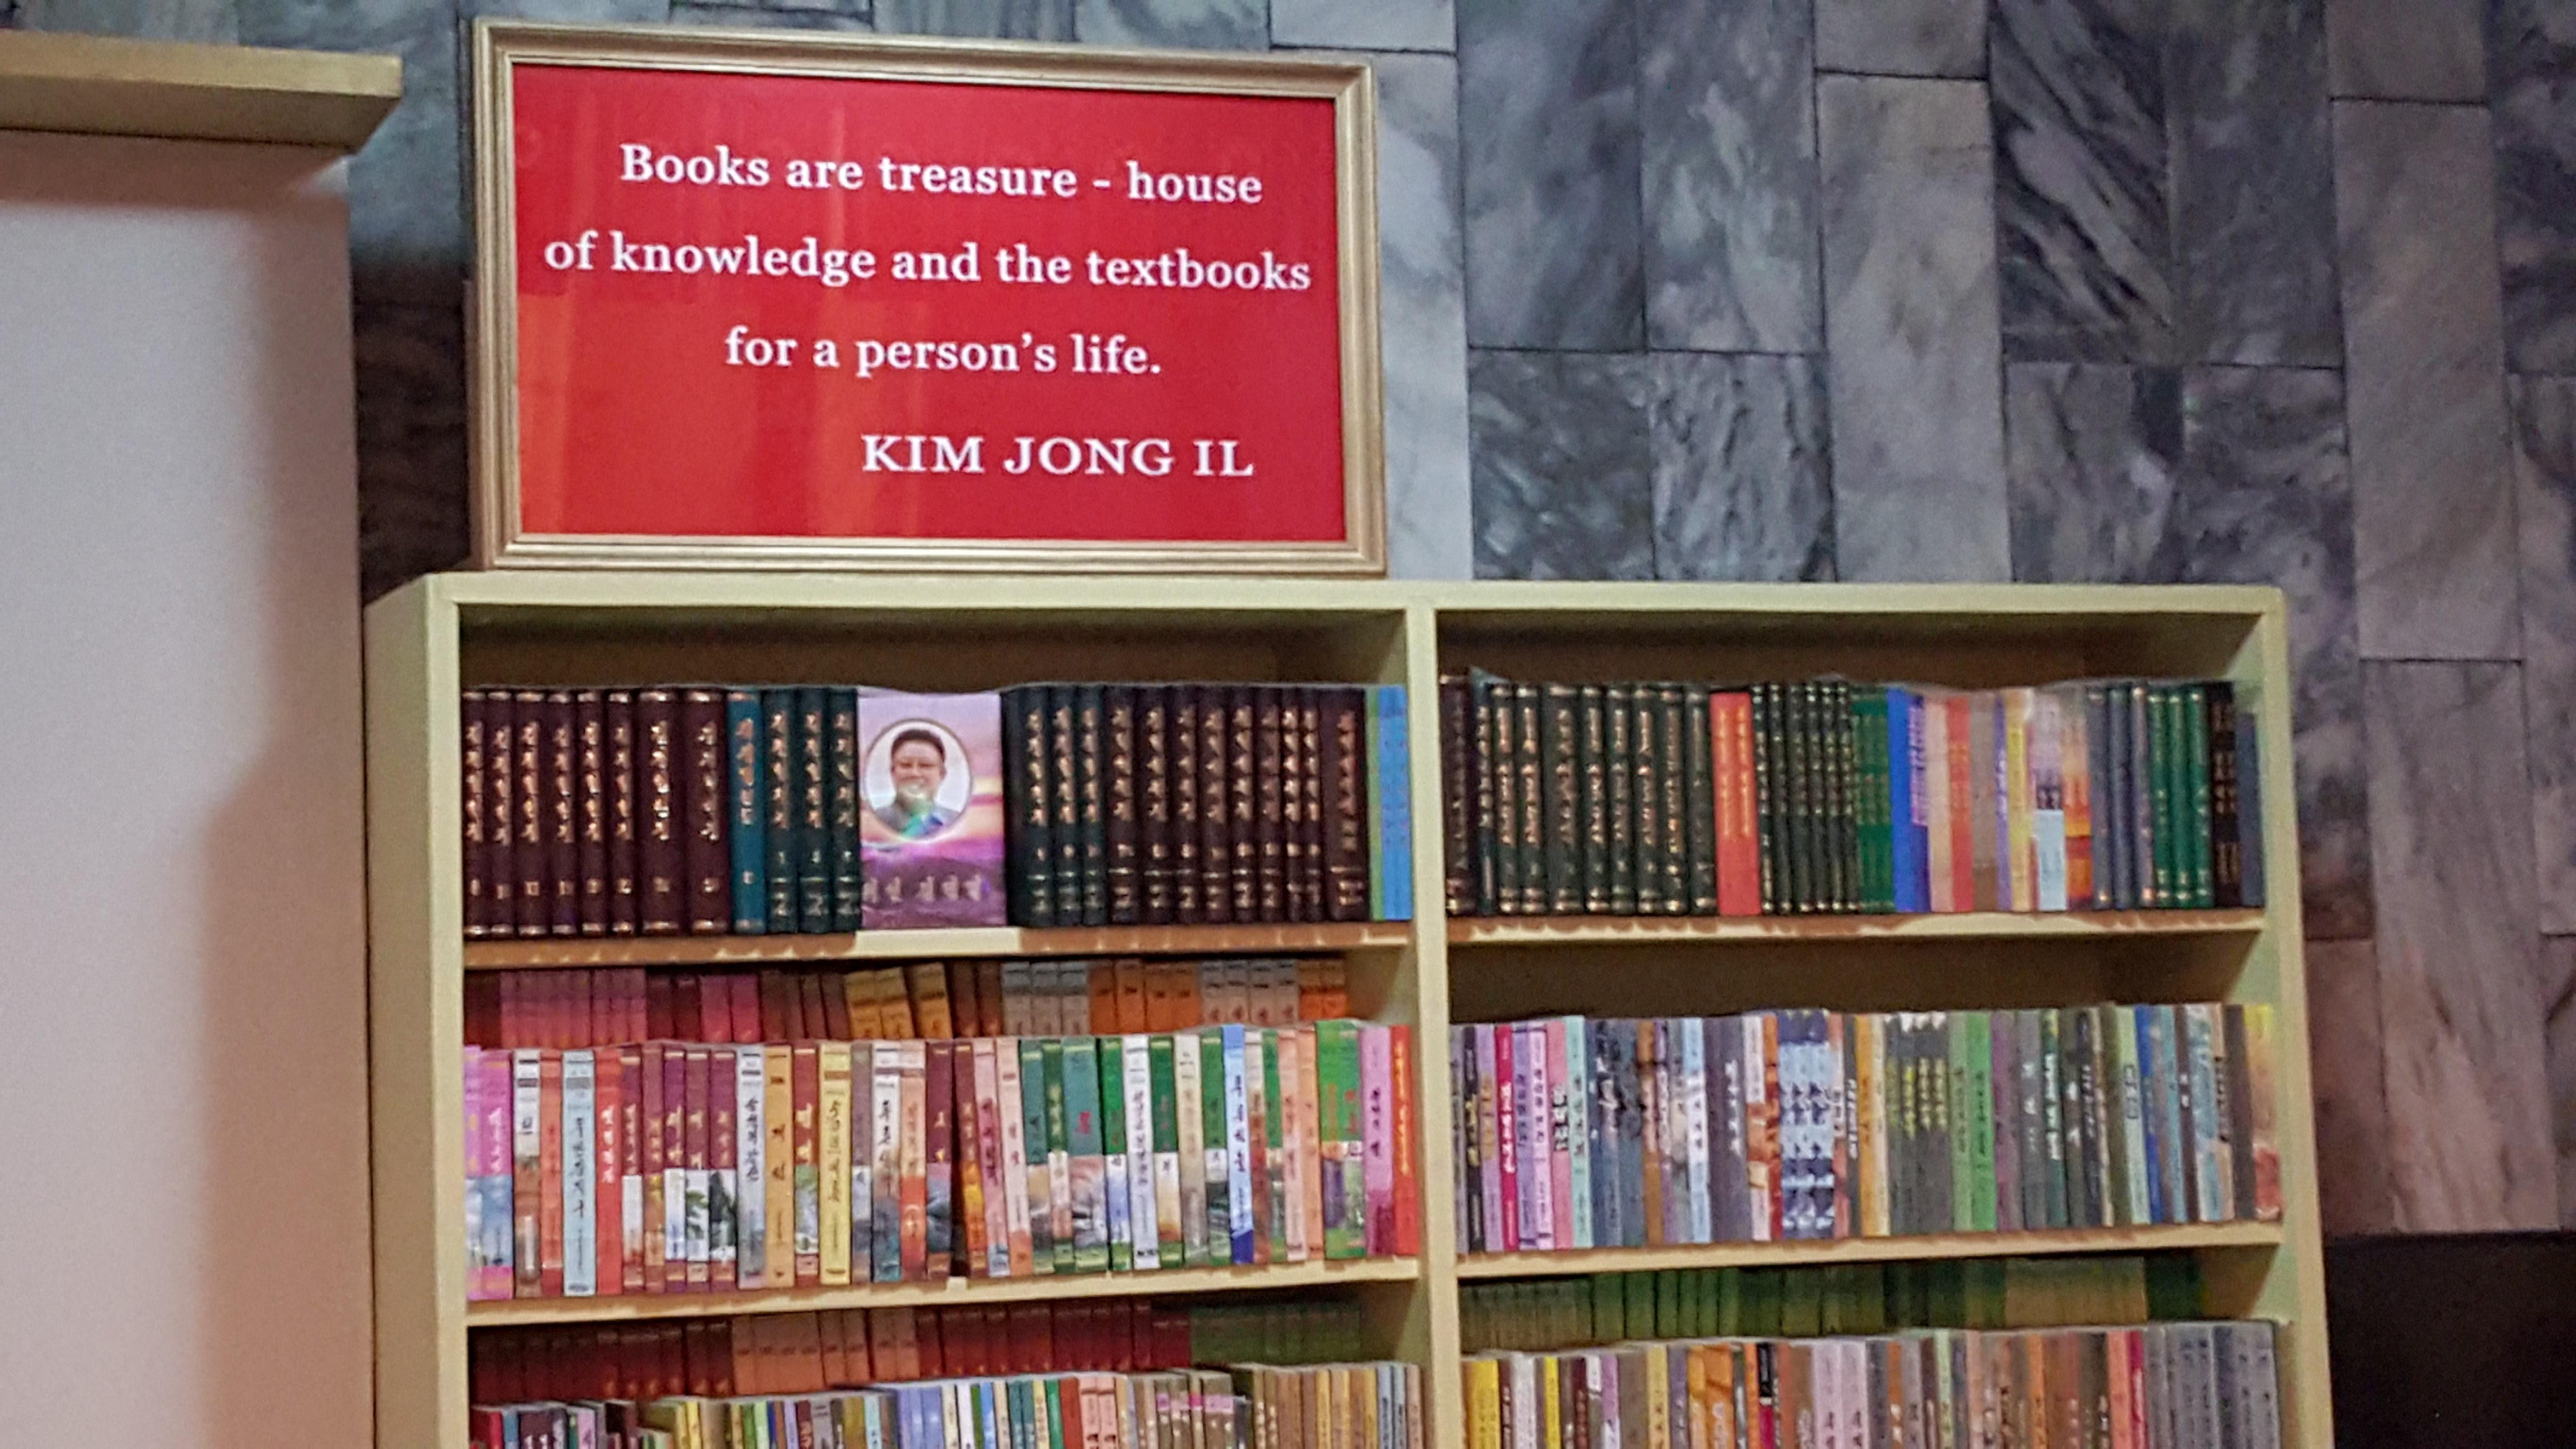 Klassisk propaganda. Det er svært innskrenket hva som er lov å lese i landet.